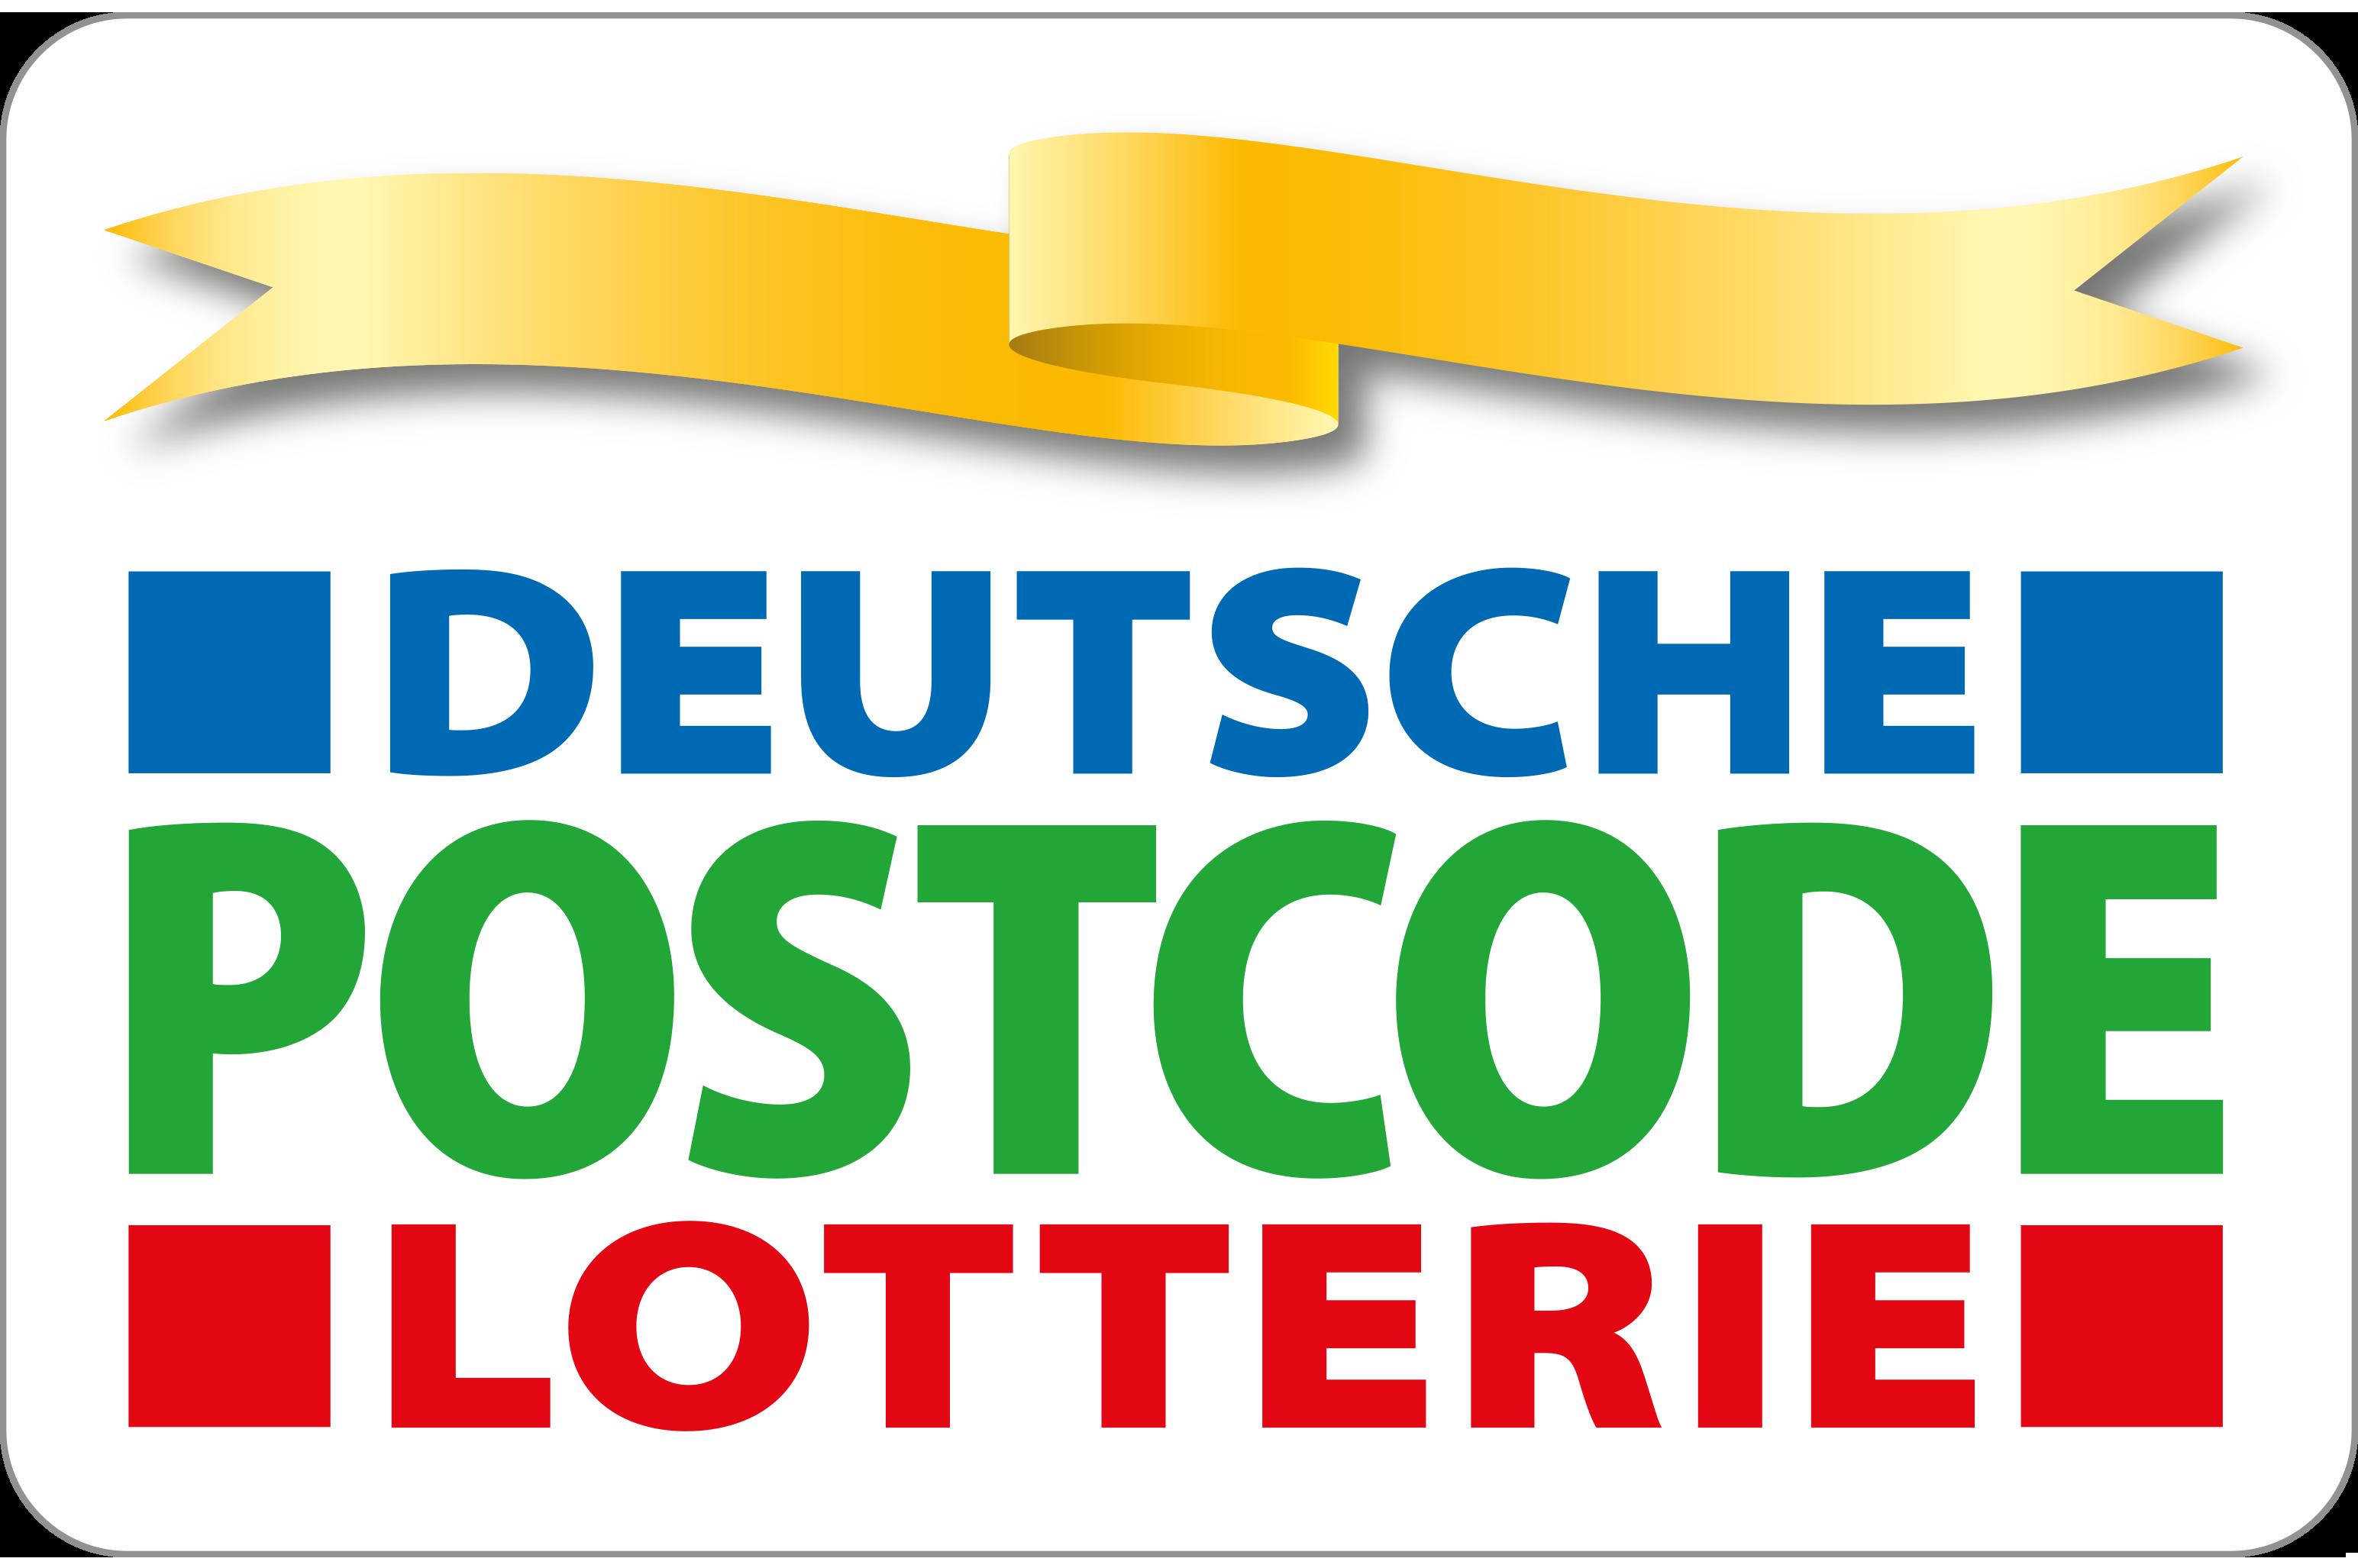 Deutsche Postcode Lotter Diakonie MSE Begegnungsstätte Neutorstraße Neubrandenburg